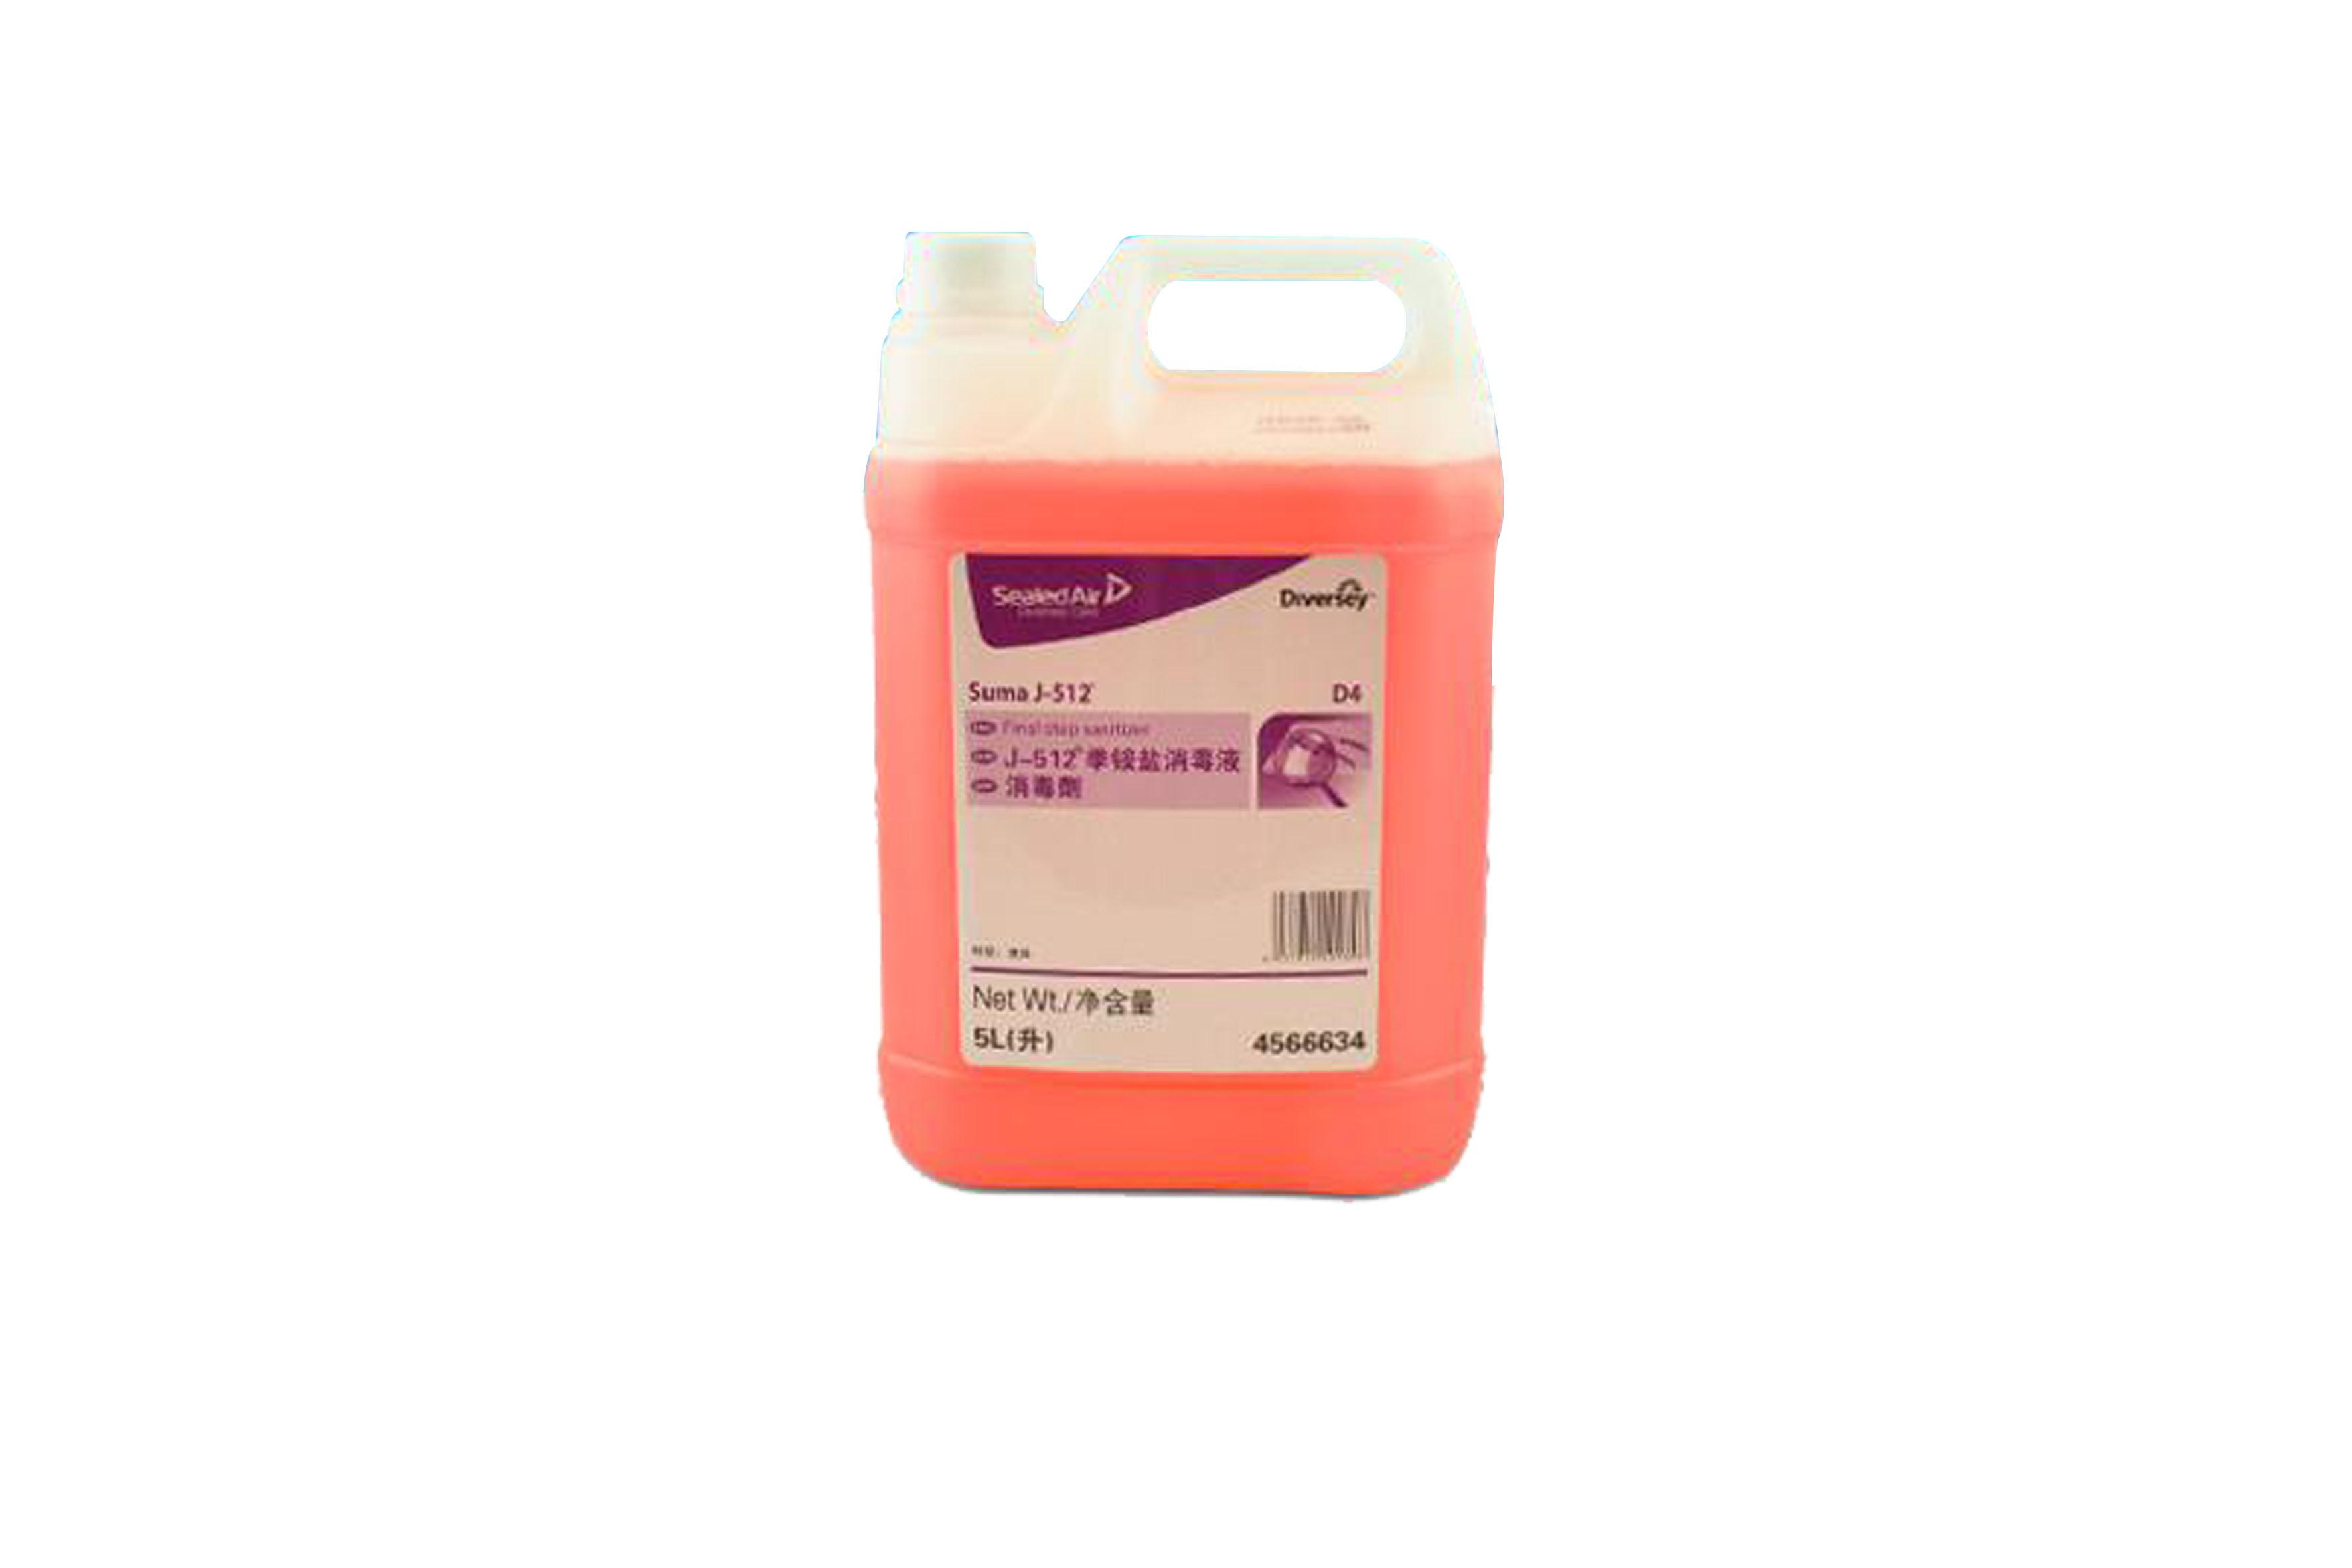 J-512季铵盐消毒液